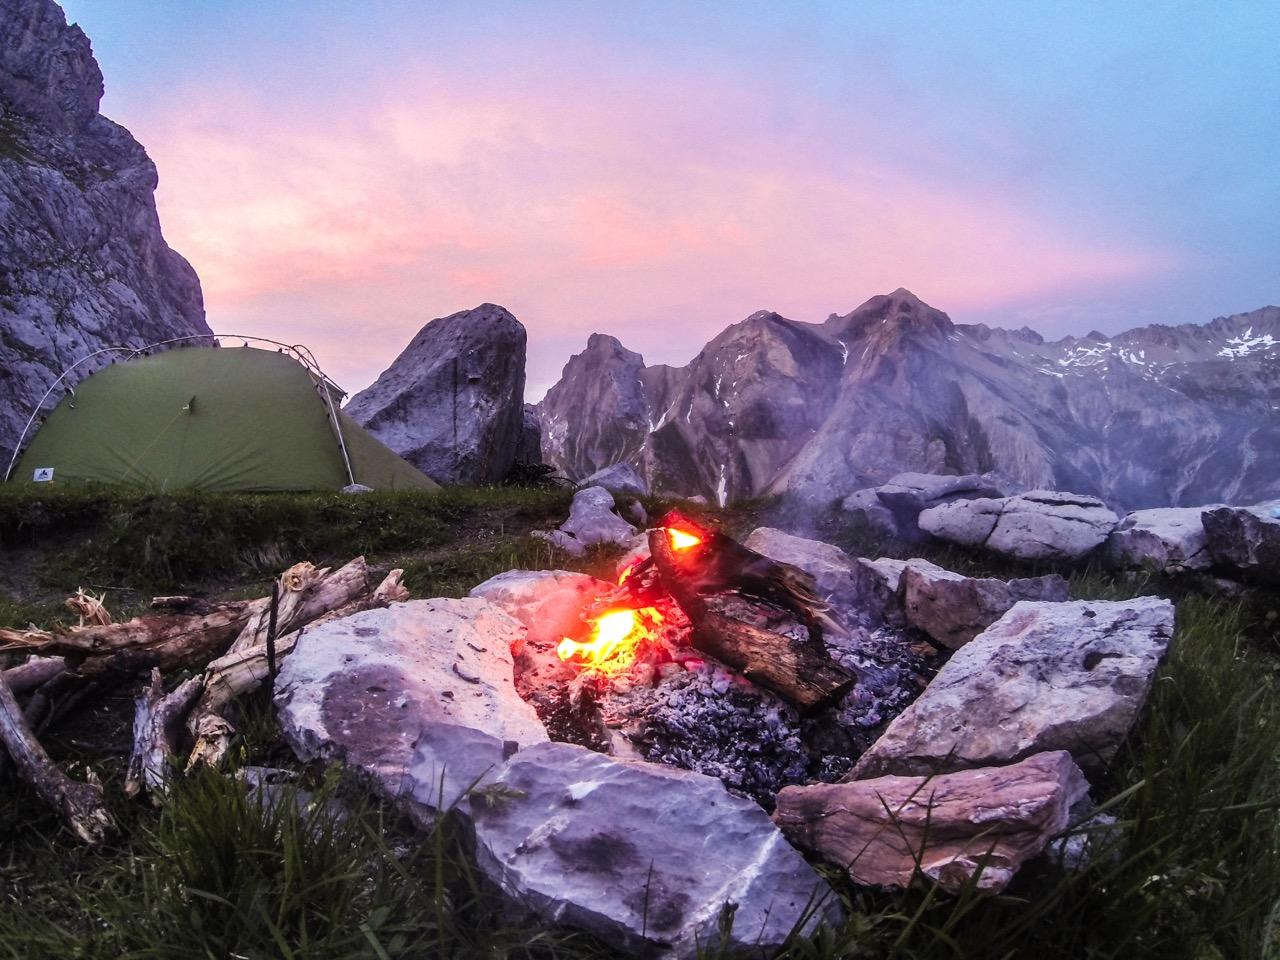 Das Lagerfeuer, unser Leitbild